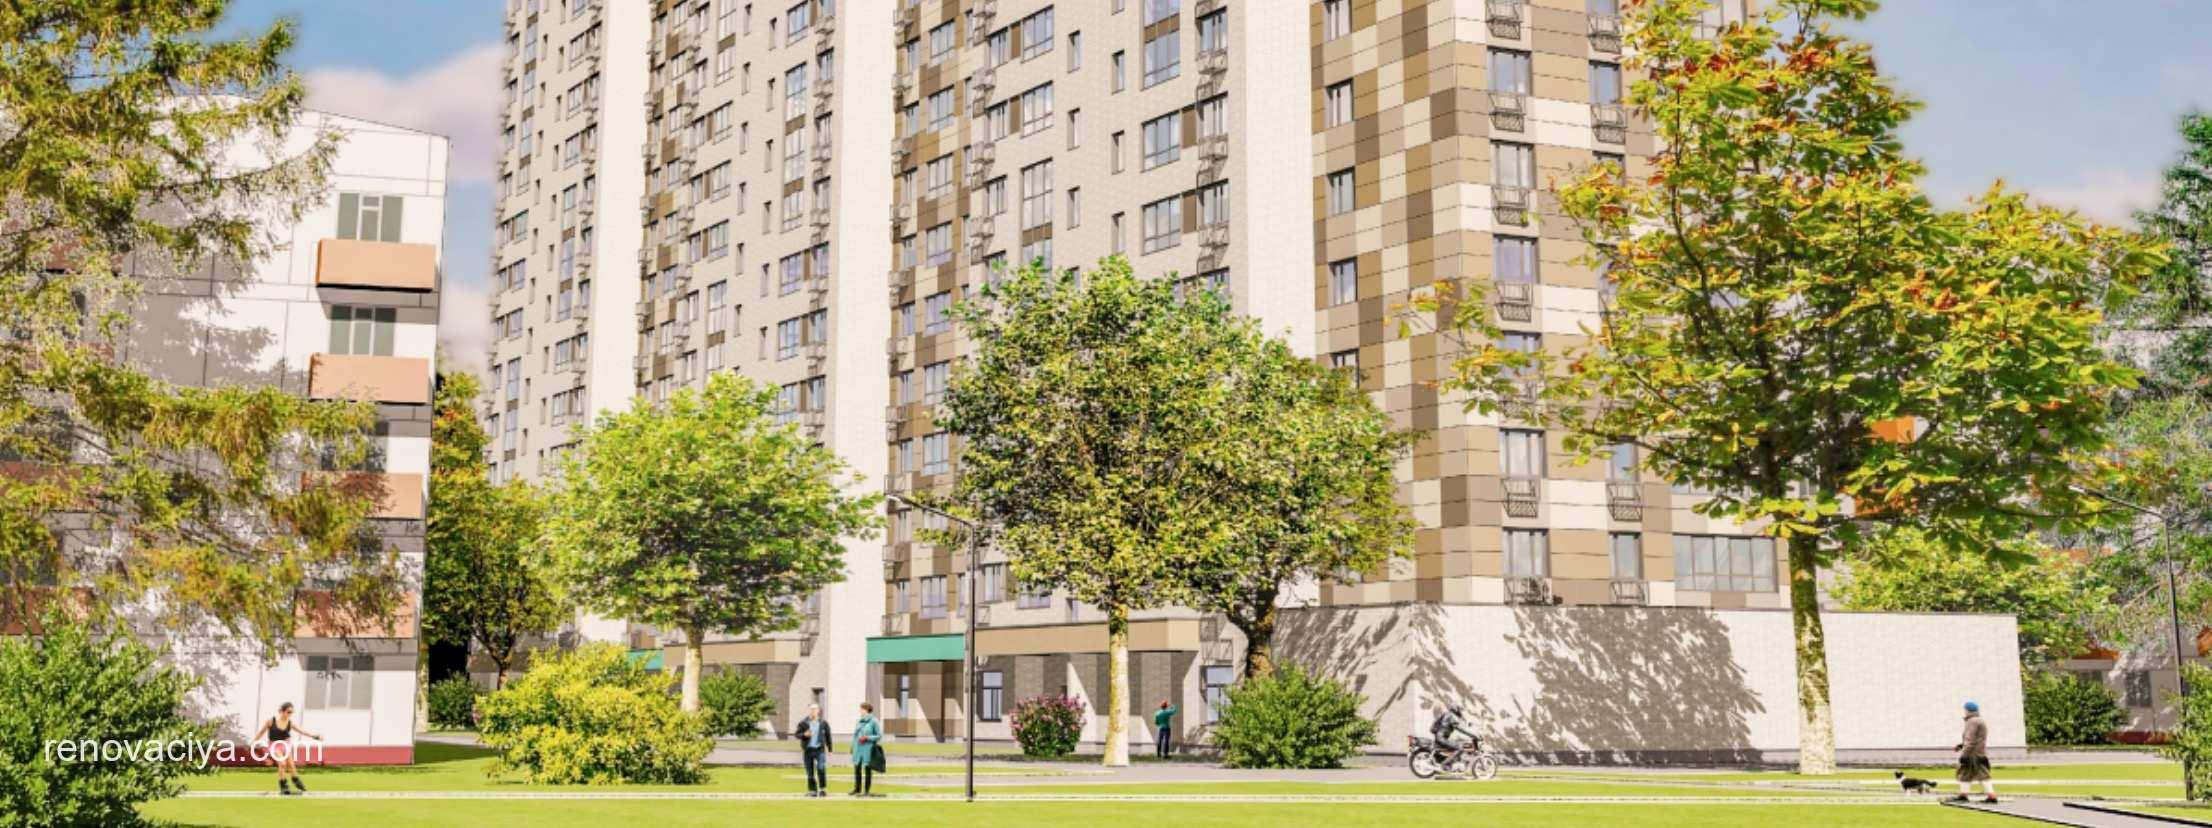 Дом в Царицыно введут в 2020 году